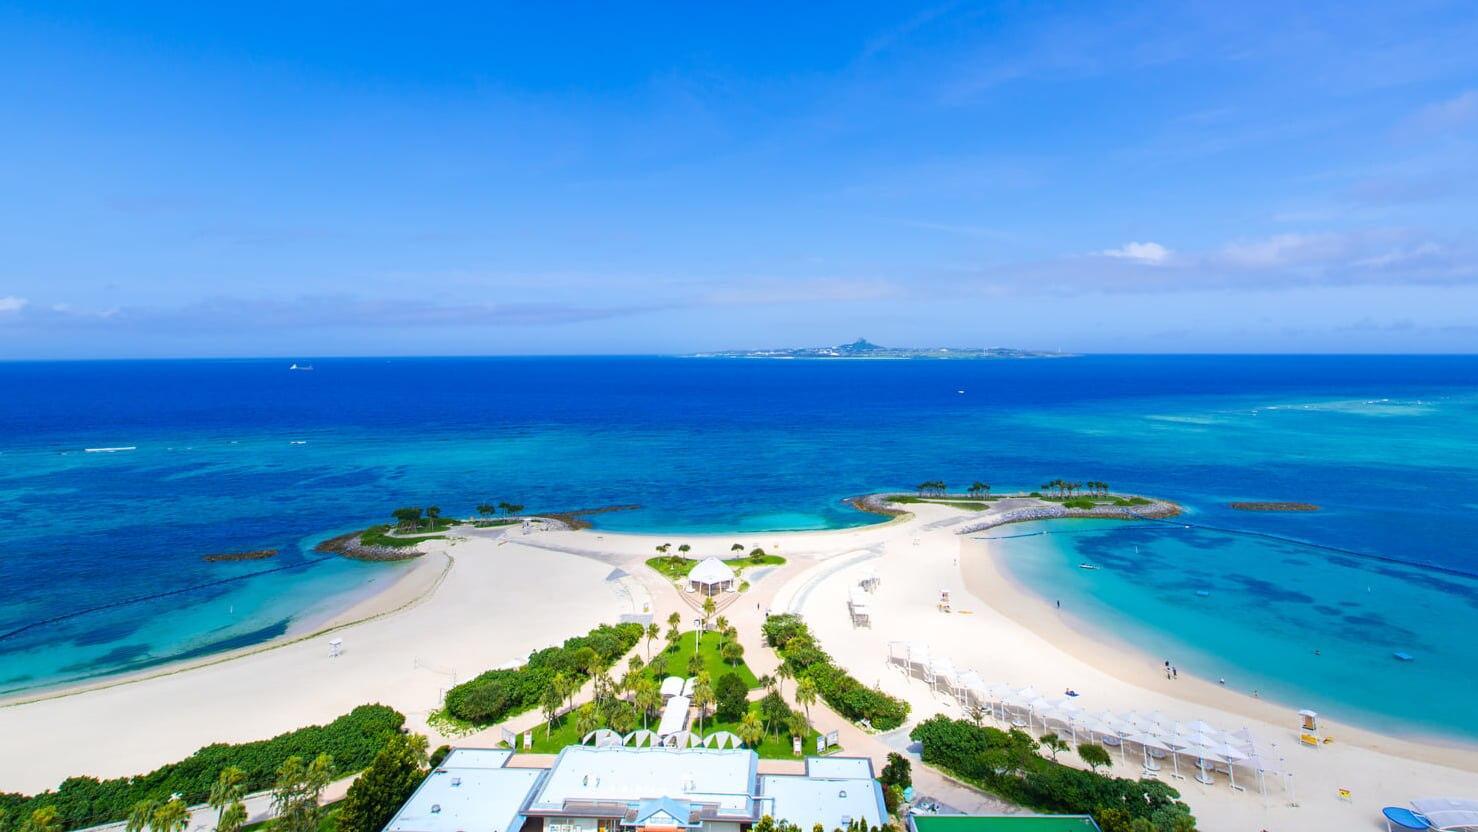 2019年版 沖縄海洋博公園の楽しみ方|美ら海水族館だけで帰っちゃう?